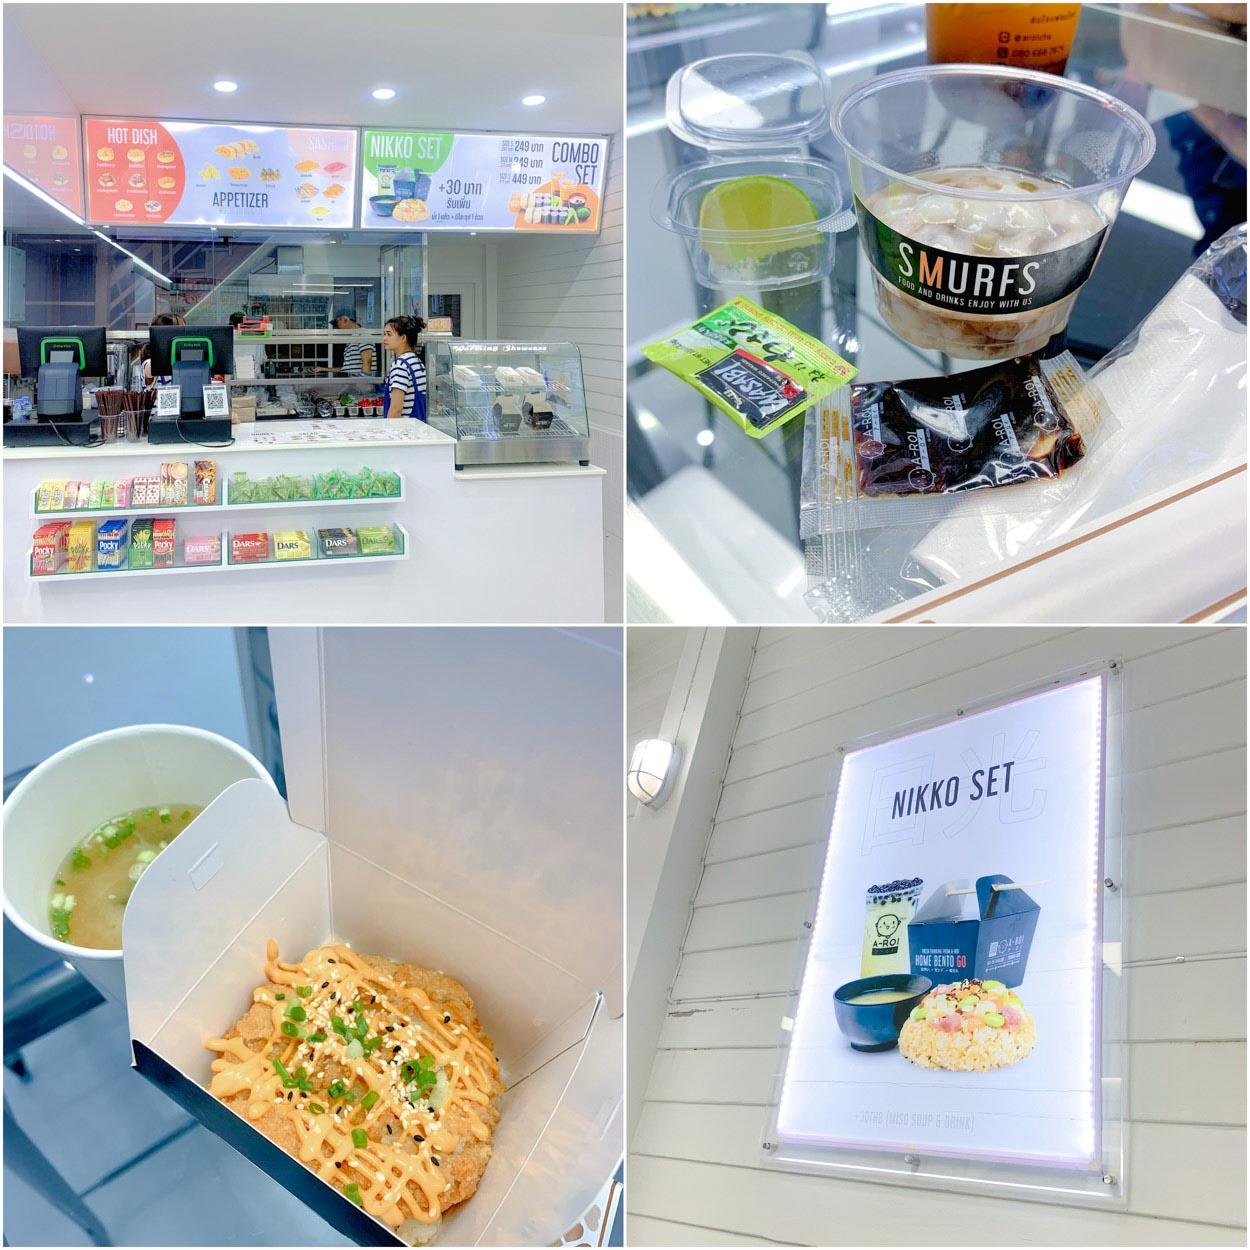 A-Roi Cafe คาเฟ่ที่ให้ฟีลเหมือนเดินอยู่ในซุปเปอร์มาร์เก็ตต่างประเทศ อาหารเป็นสไตล์ญี่ปุ่นให้ 10/10